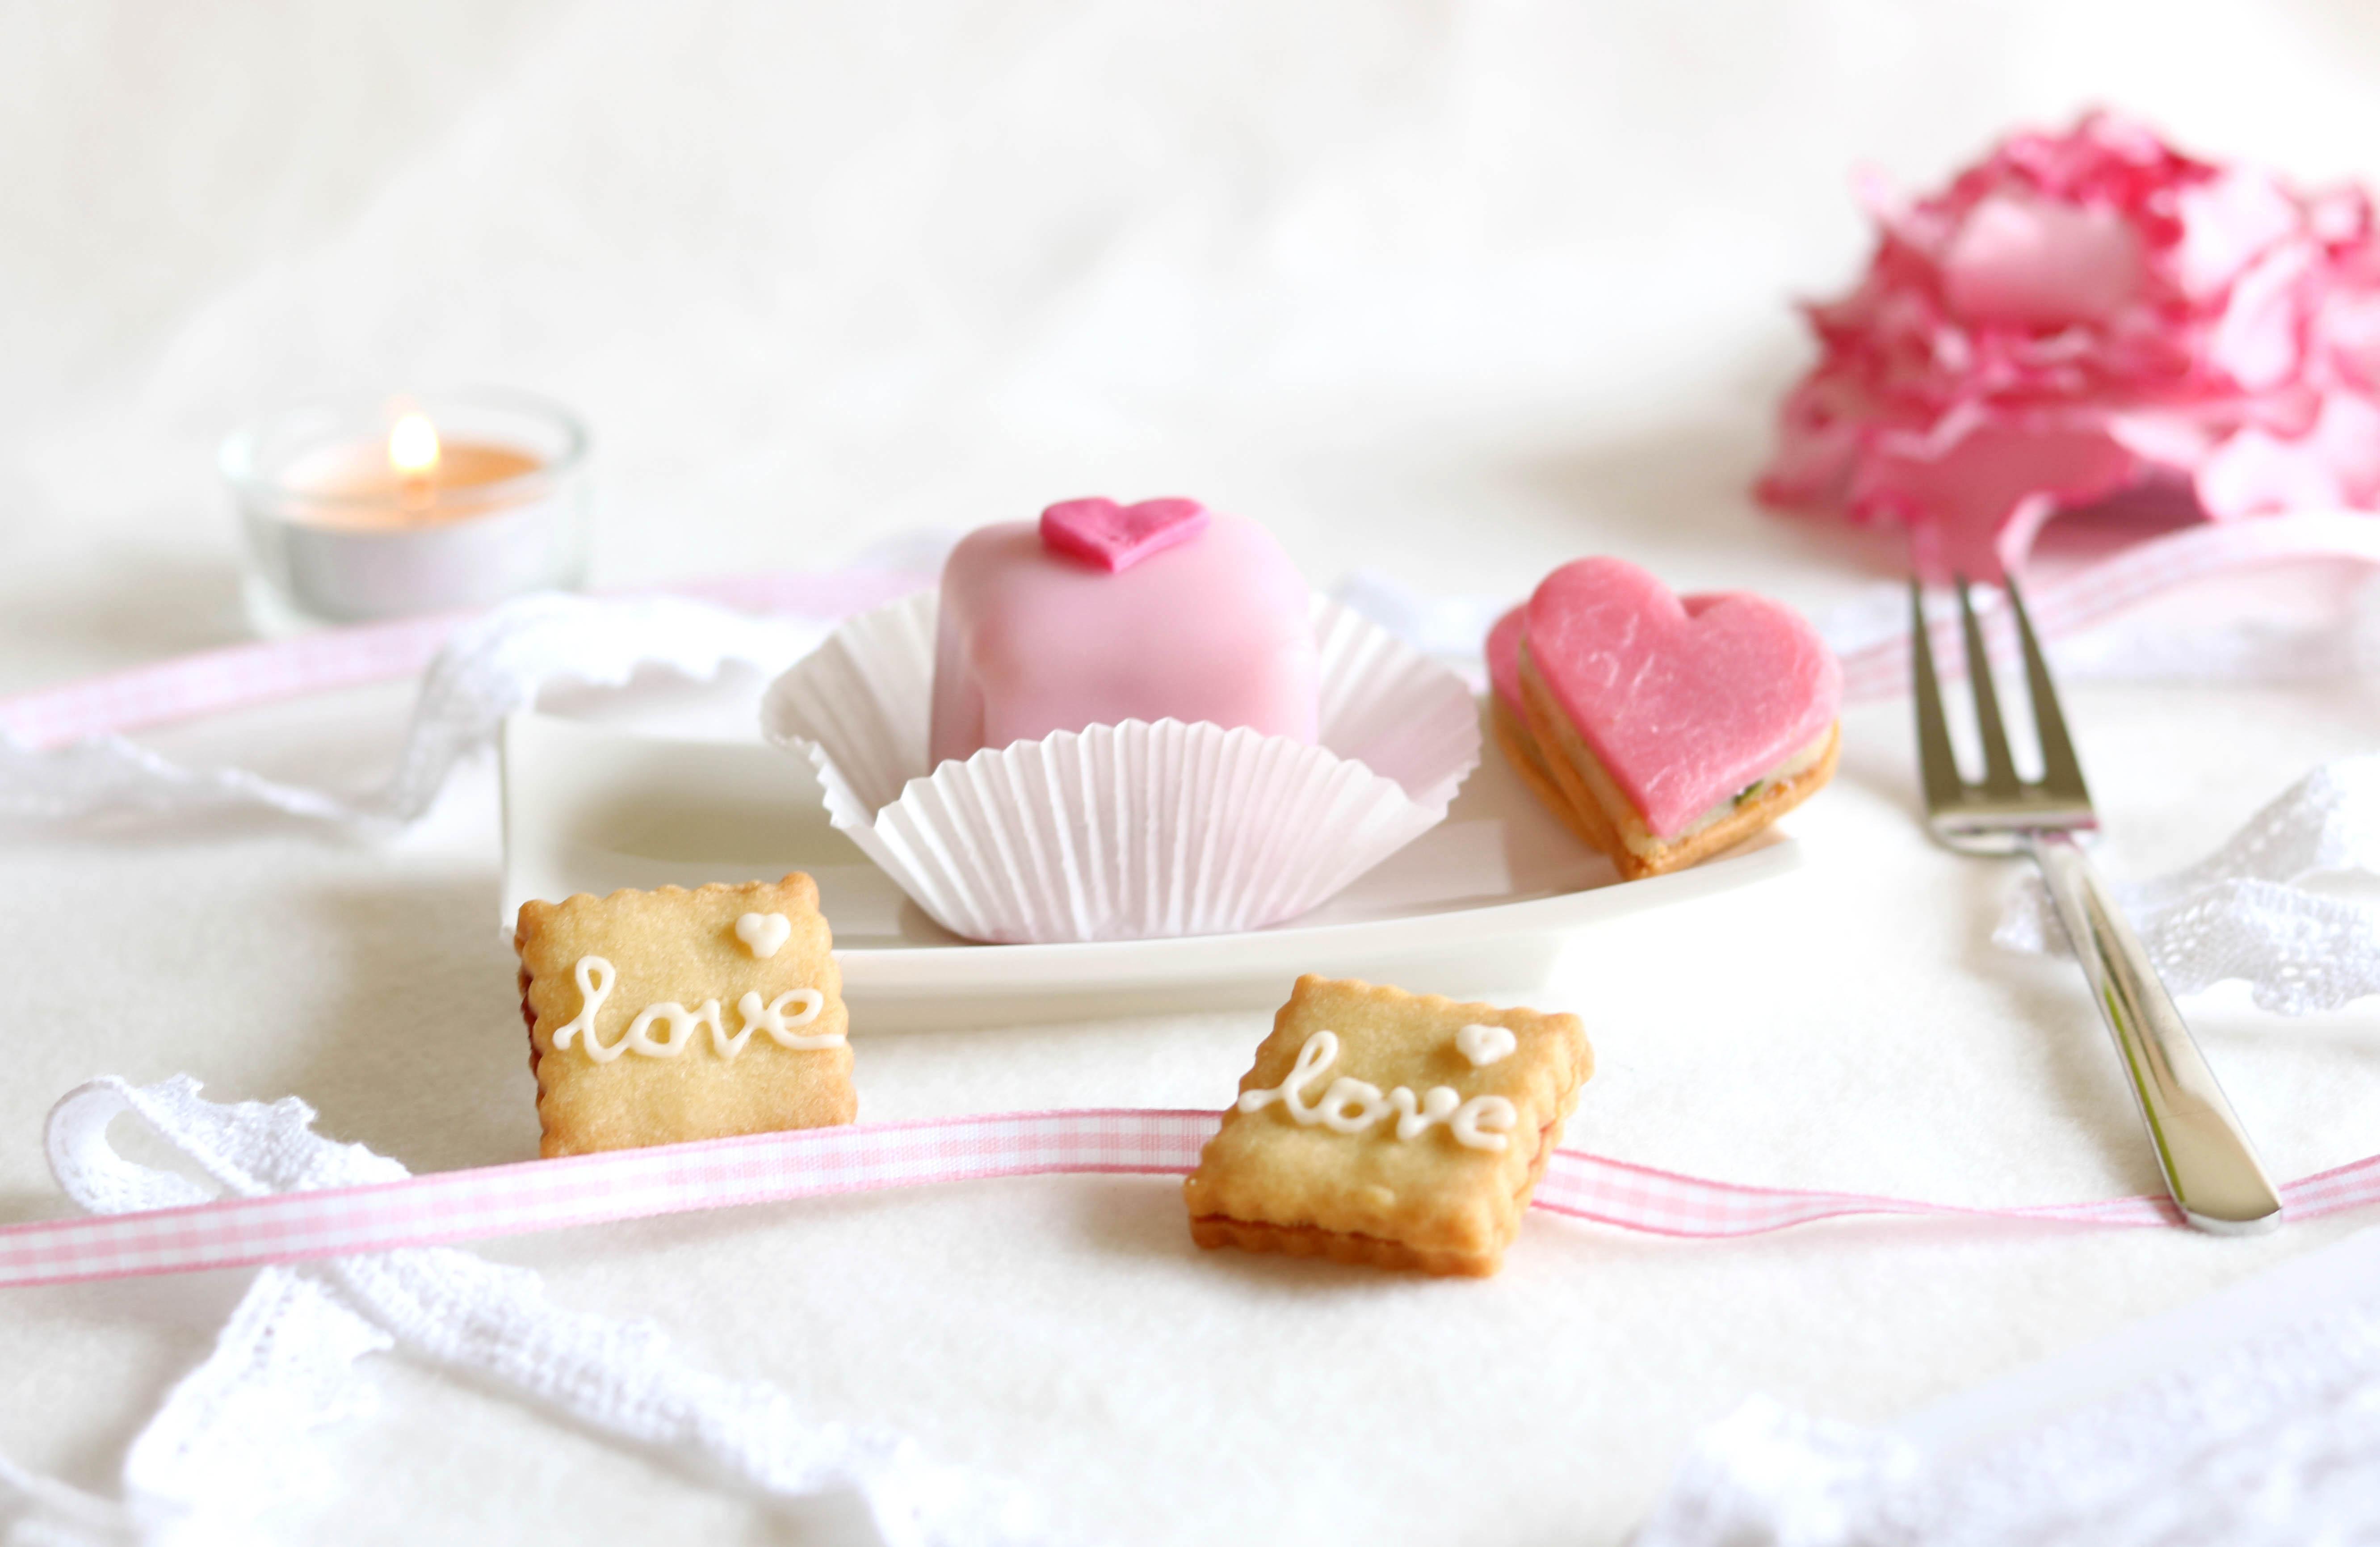 Kuchen mit Liebe